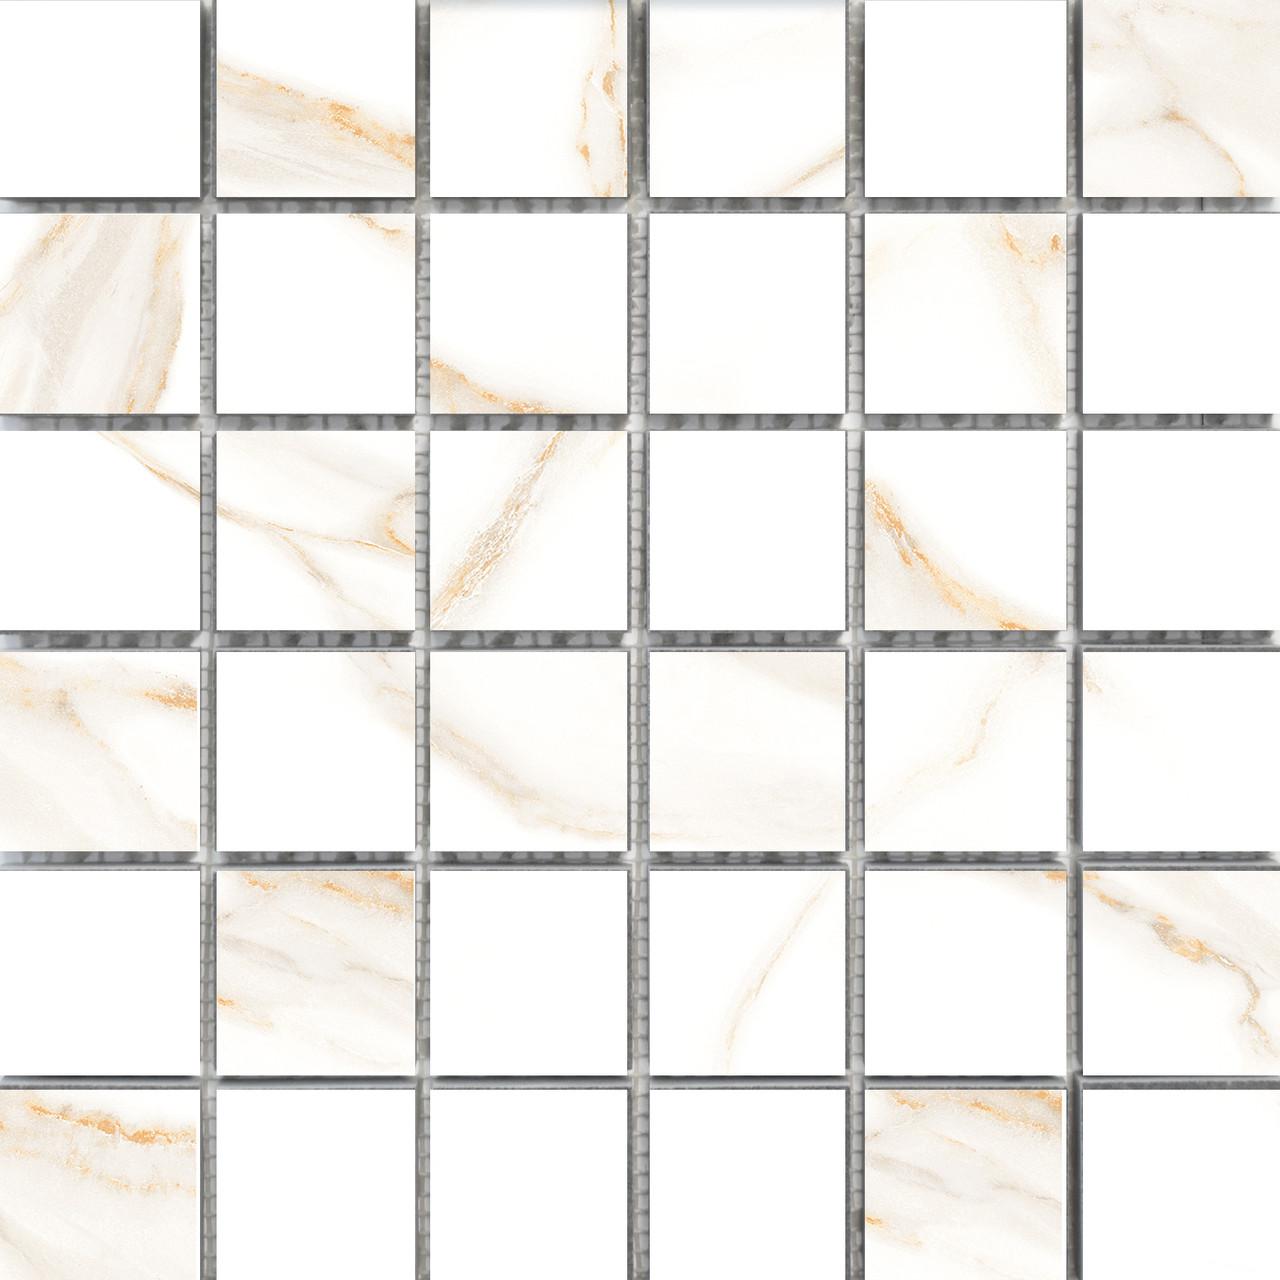 Мозаика Мозаика 300x300 Mos Calacatta Gold M4 сорт 1